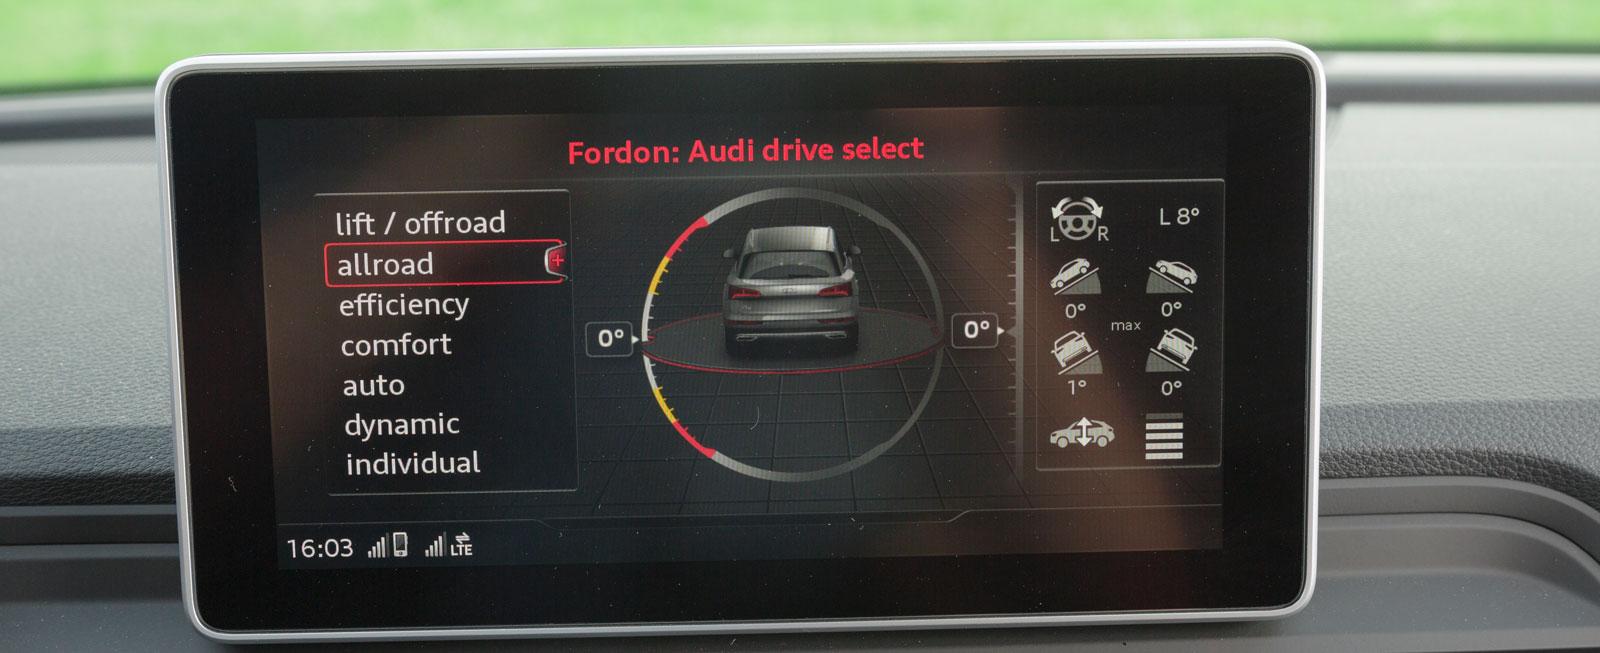 Med extrautrustningen luftfjädring (23700 kronor) kan bilen ställas in i inte mindre än sju olika körlägen. Lutning med mera kan följas på skärmen.